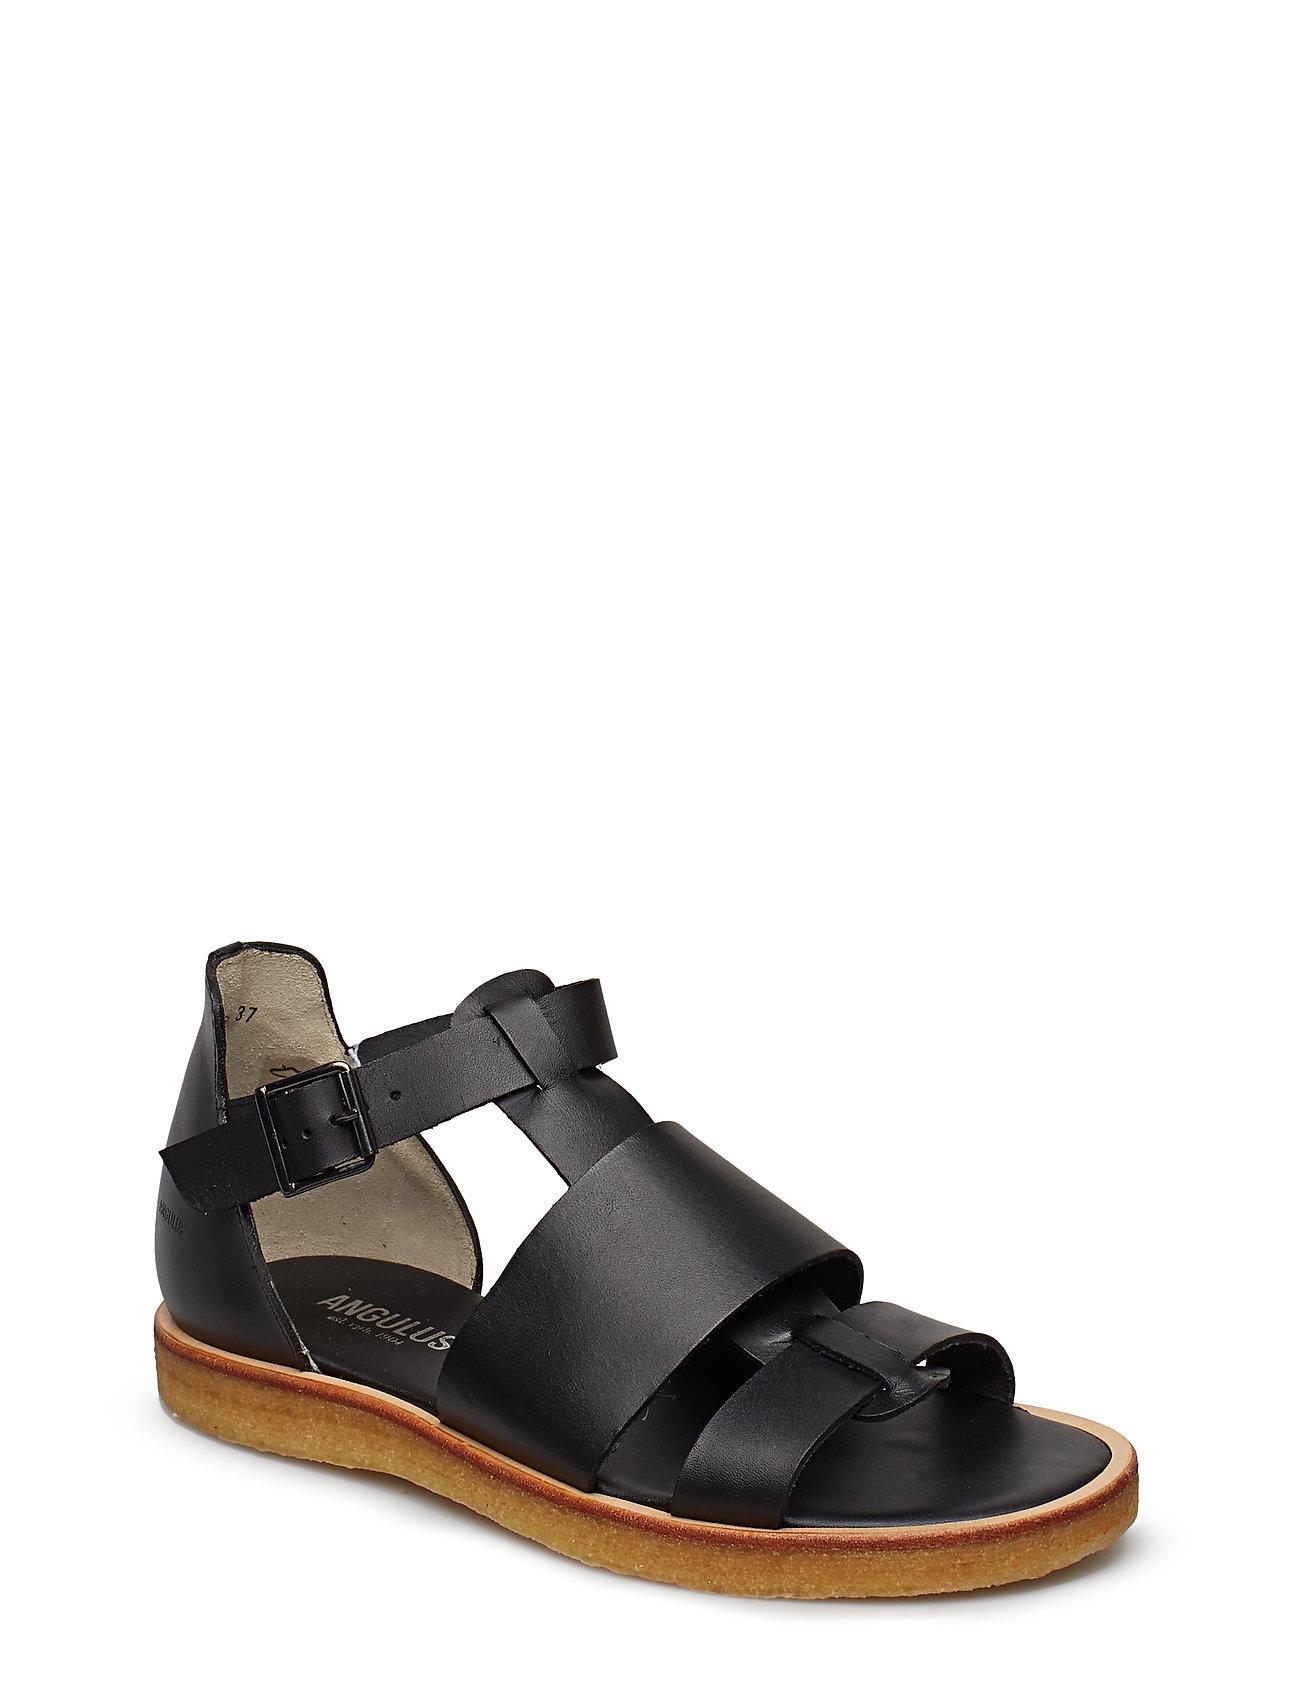 ANGULUS Sandals - flat - open toe - op - 1785 BLACK